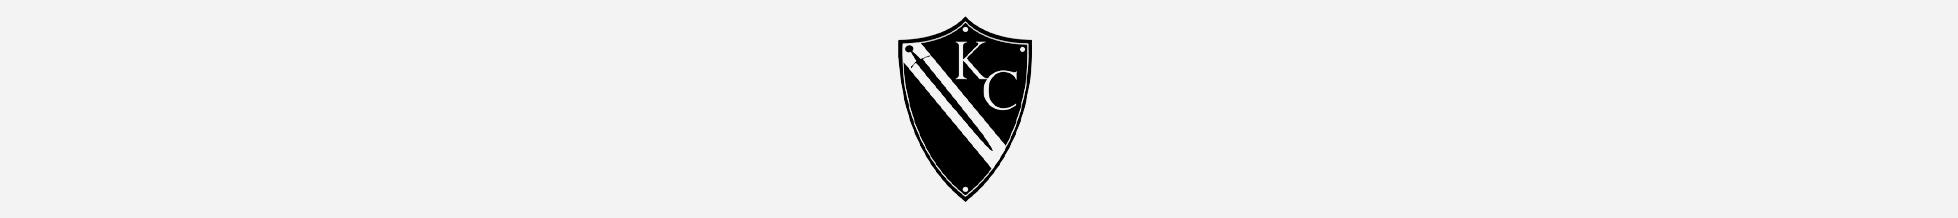 kings-crest-salt.jpg